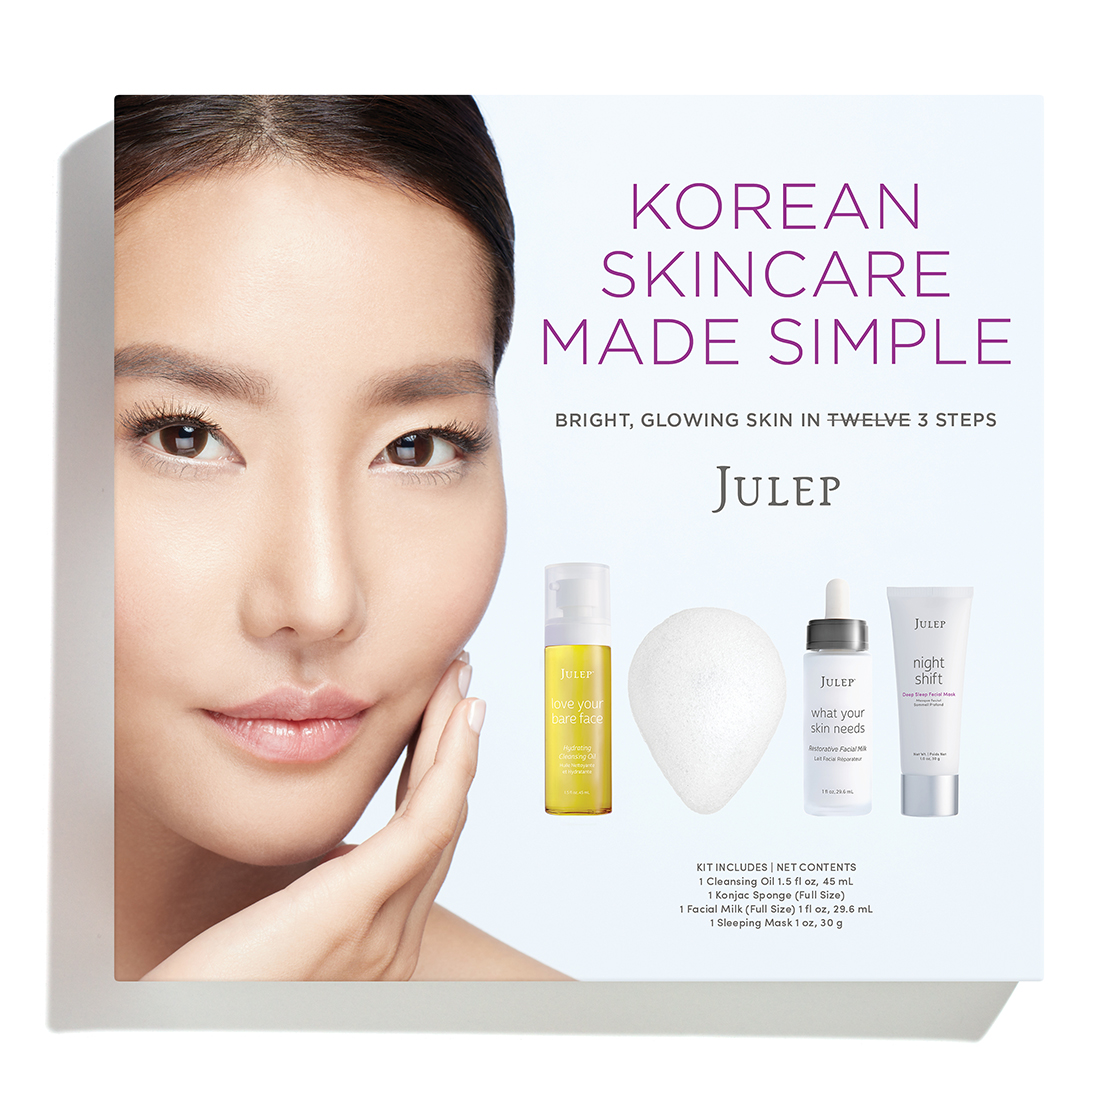 KoreanSkincare_DeluxeBox.jpg